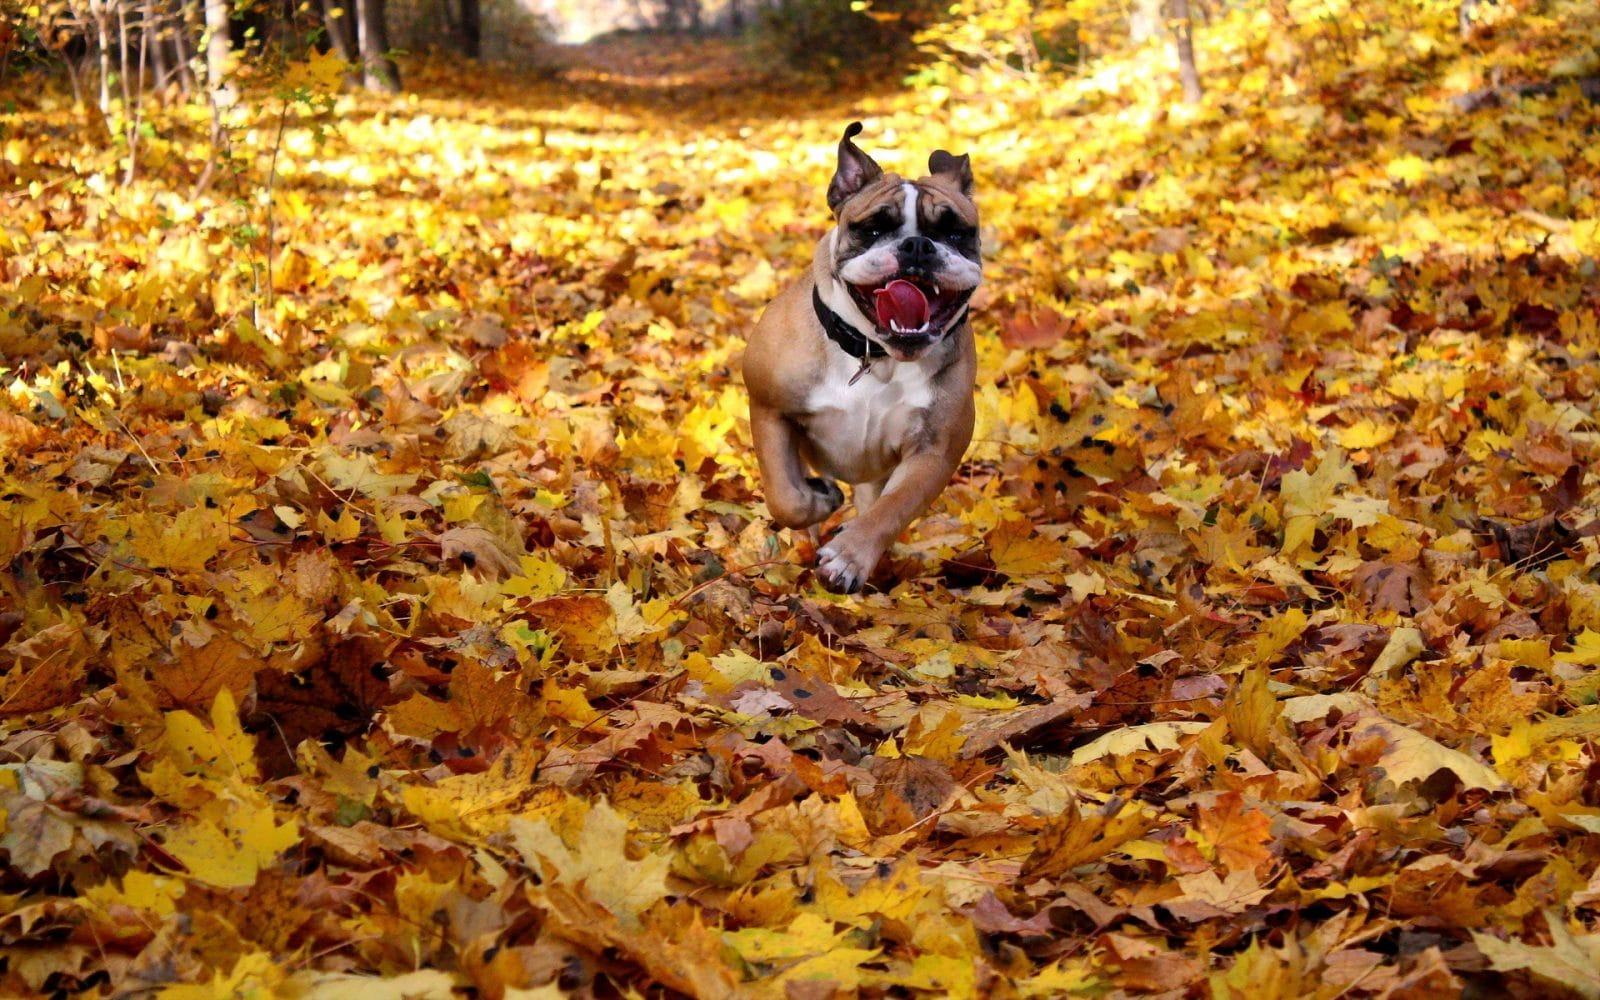 бульдог бежит по листьям